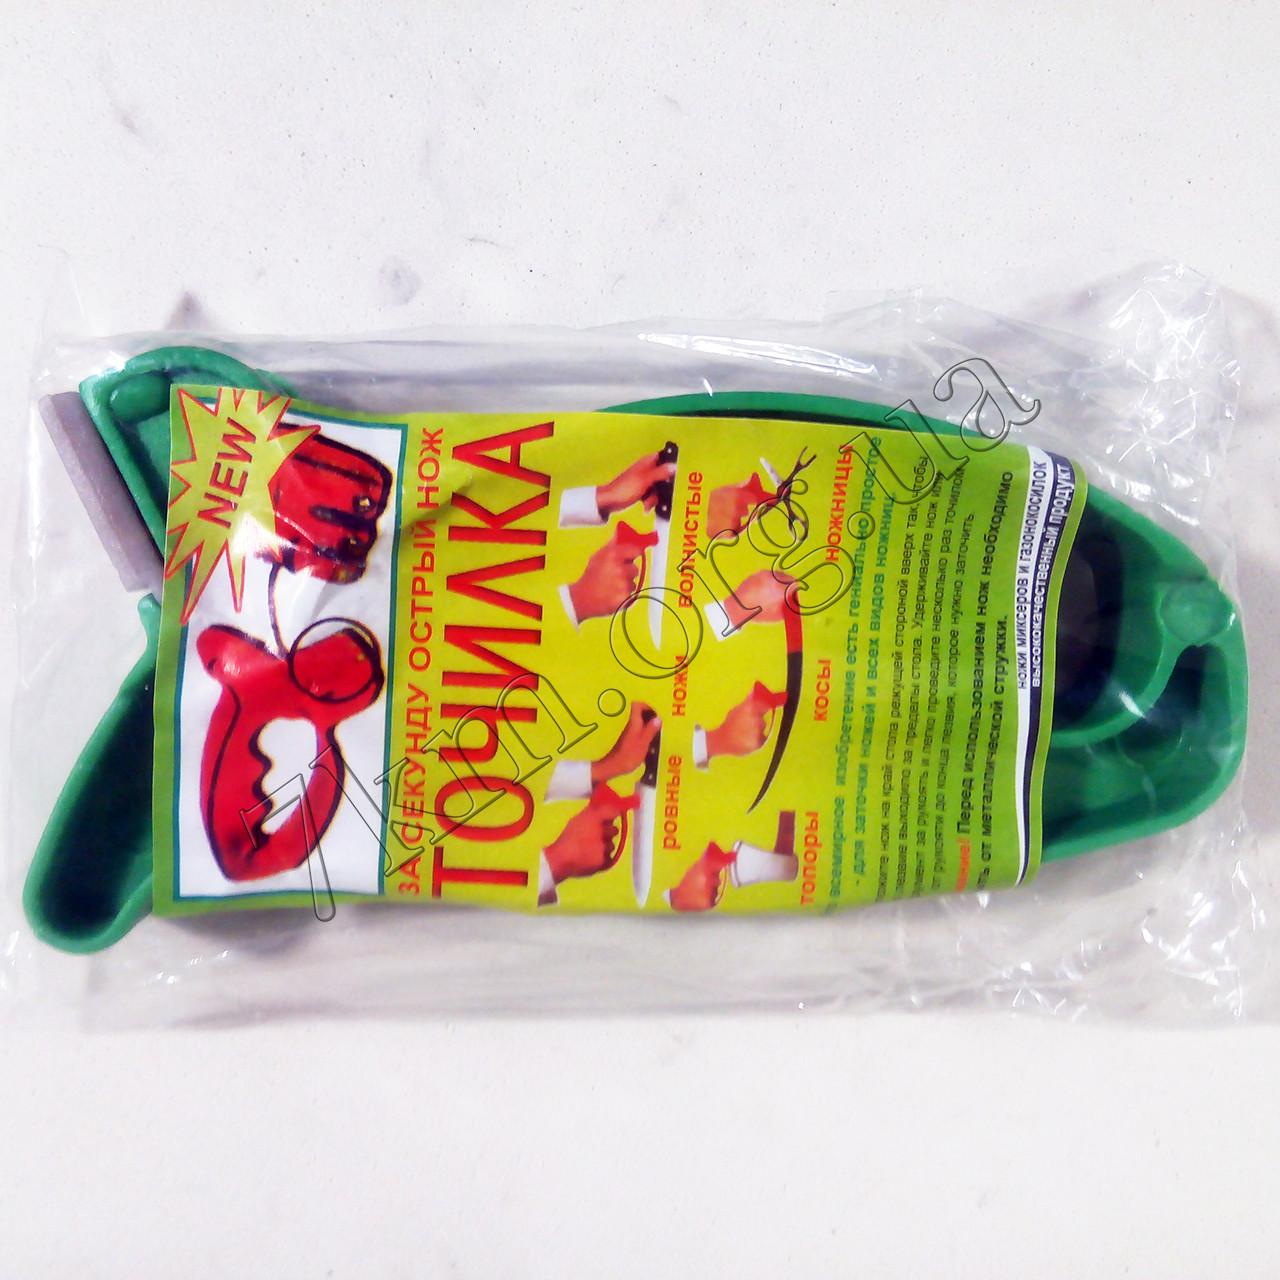 Точилка для ножей и ножниц - Детская одежда оптом 7км - Оптовый интернет магазин 7km.org.ua в Одессе